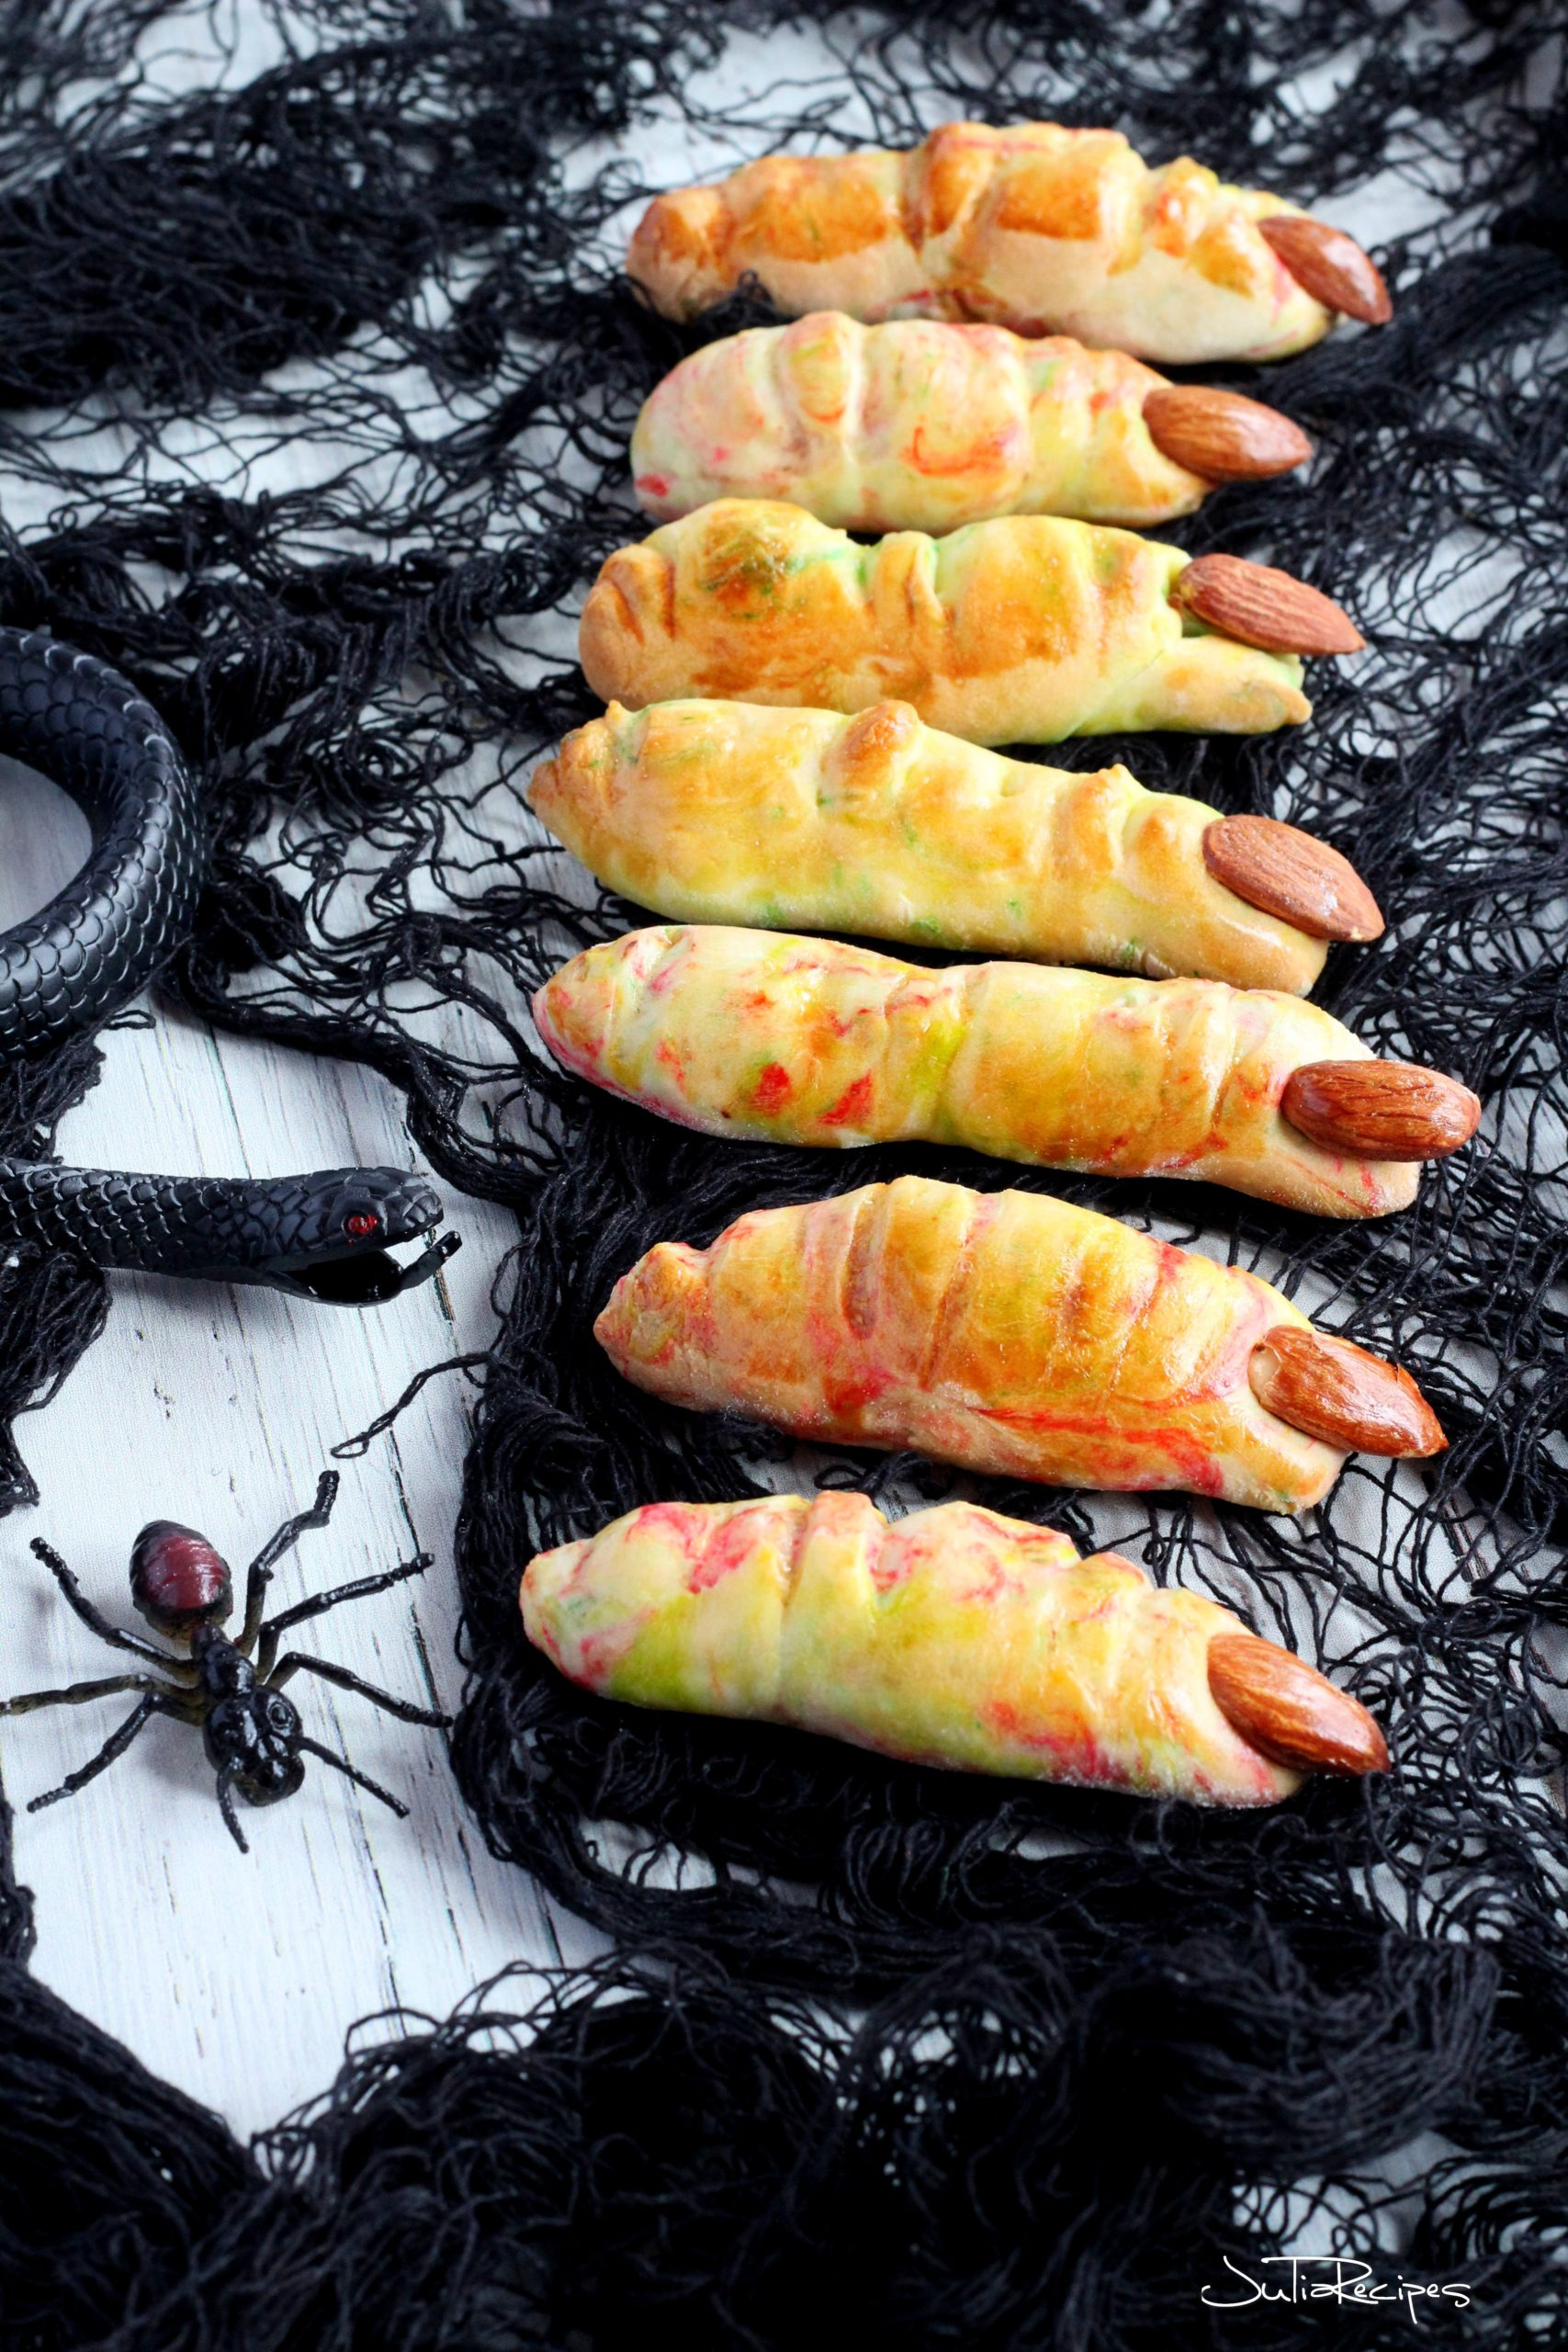 halloween treats on the table